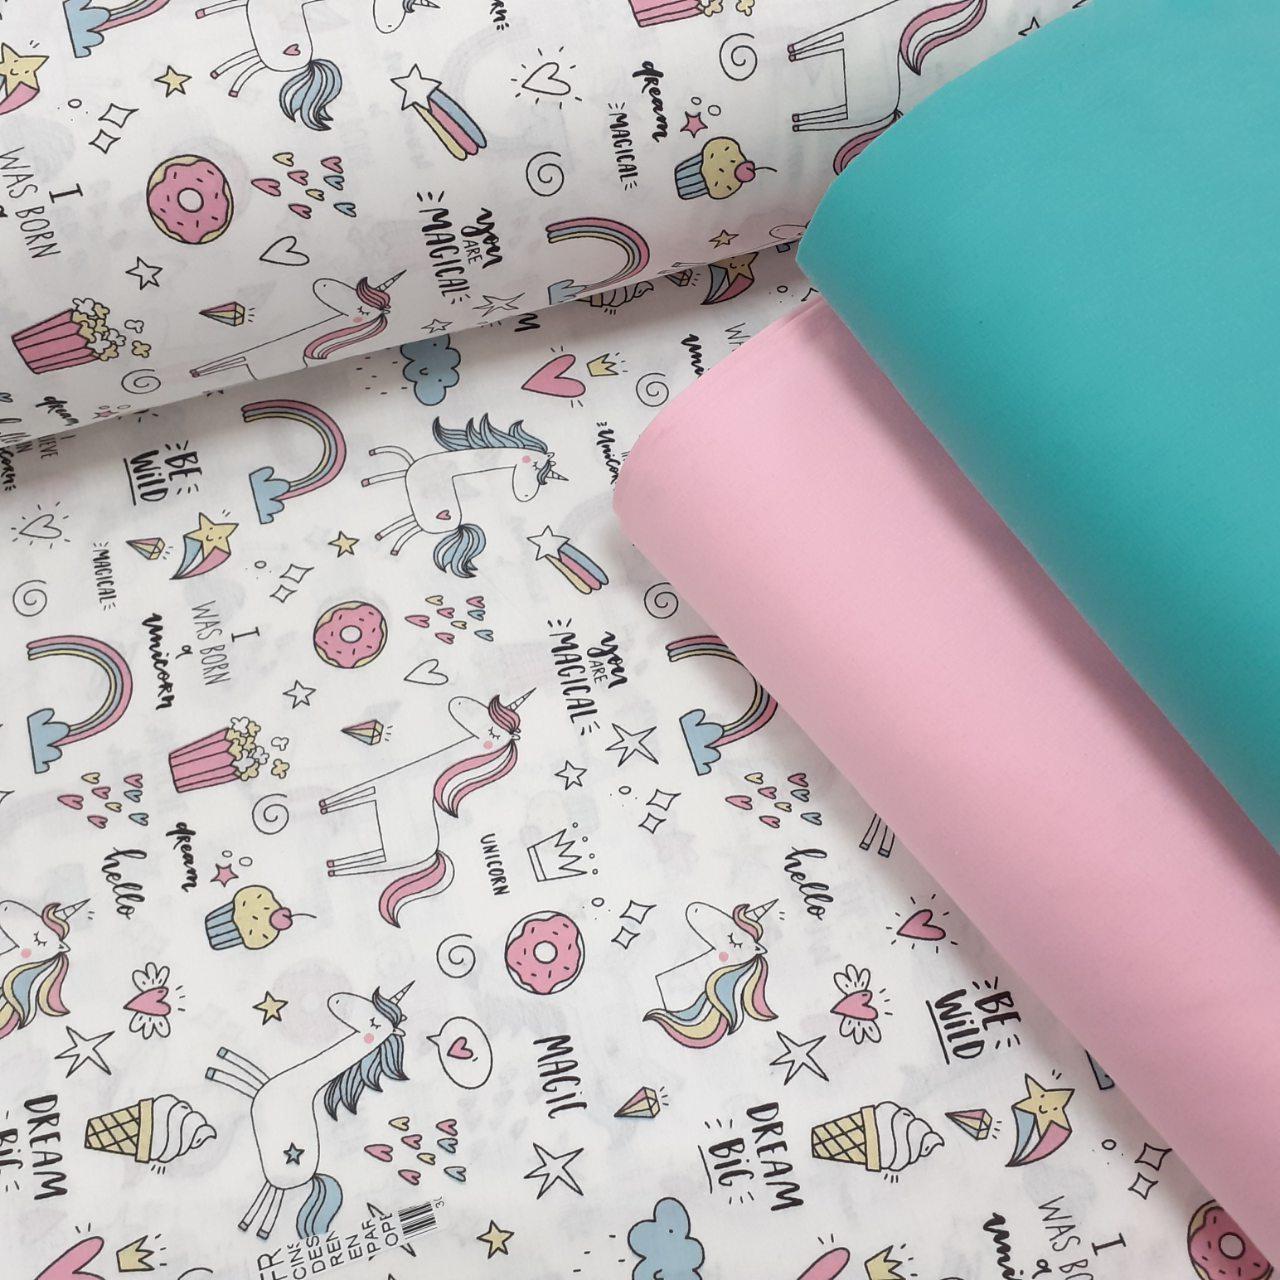 Хлопковая ткань (ТУРЦИЯ шир. 2,4 м) белые единороги с разноцветными сладостями